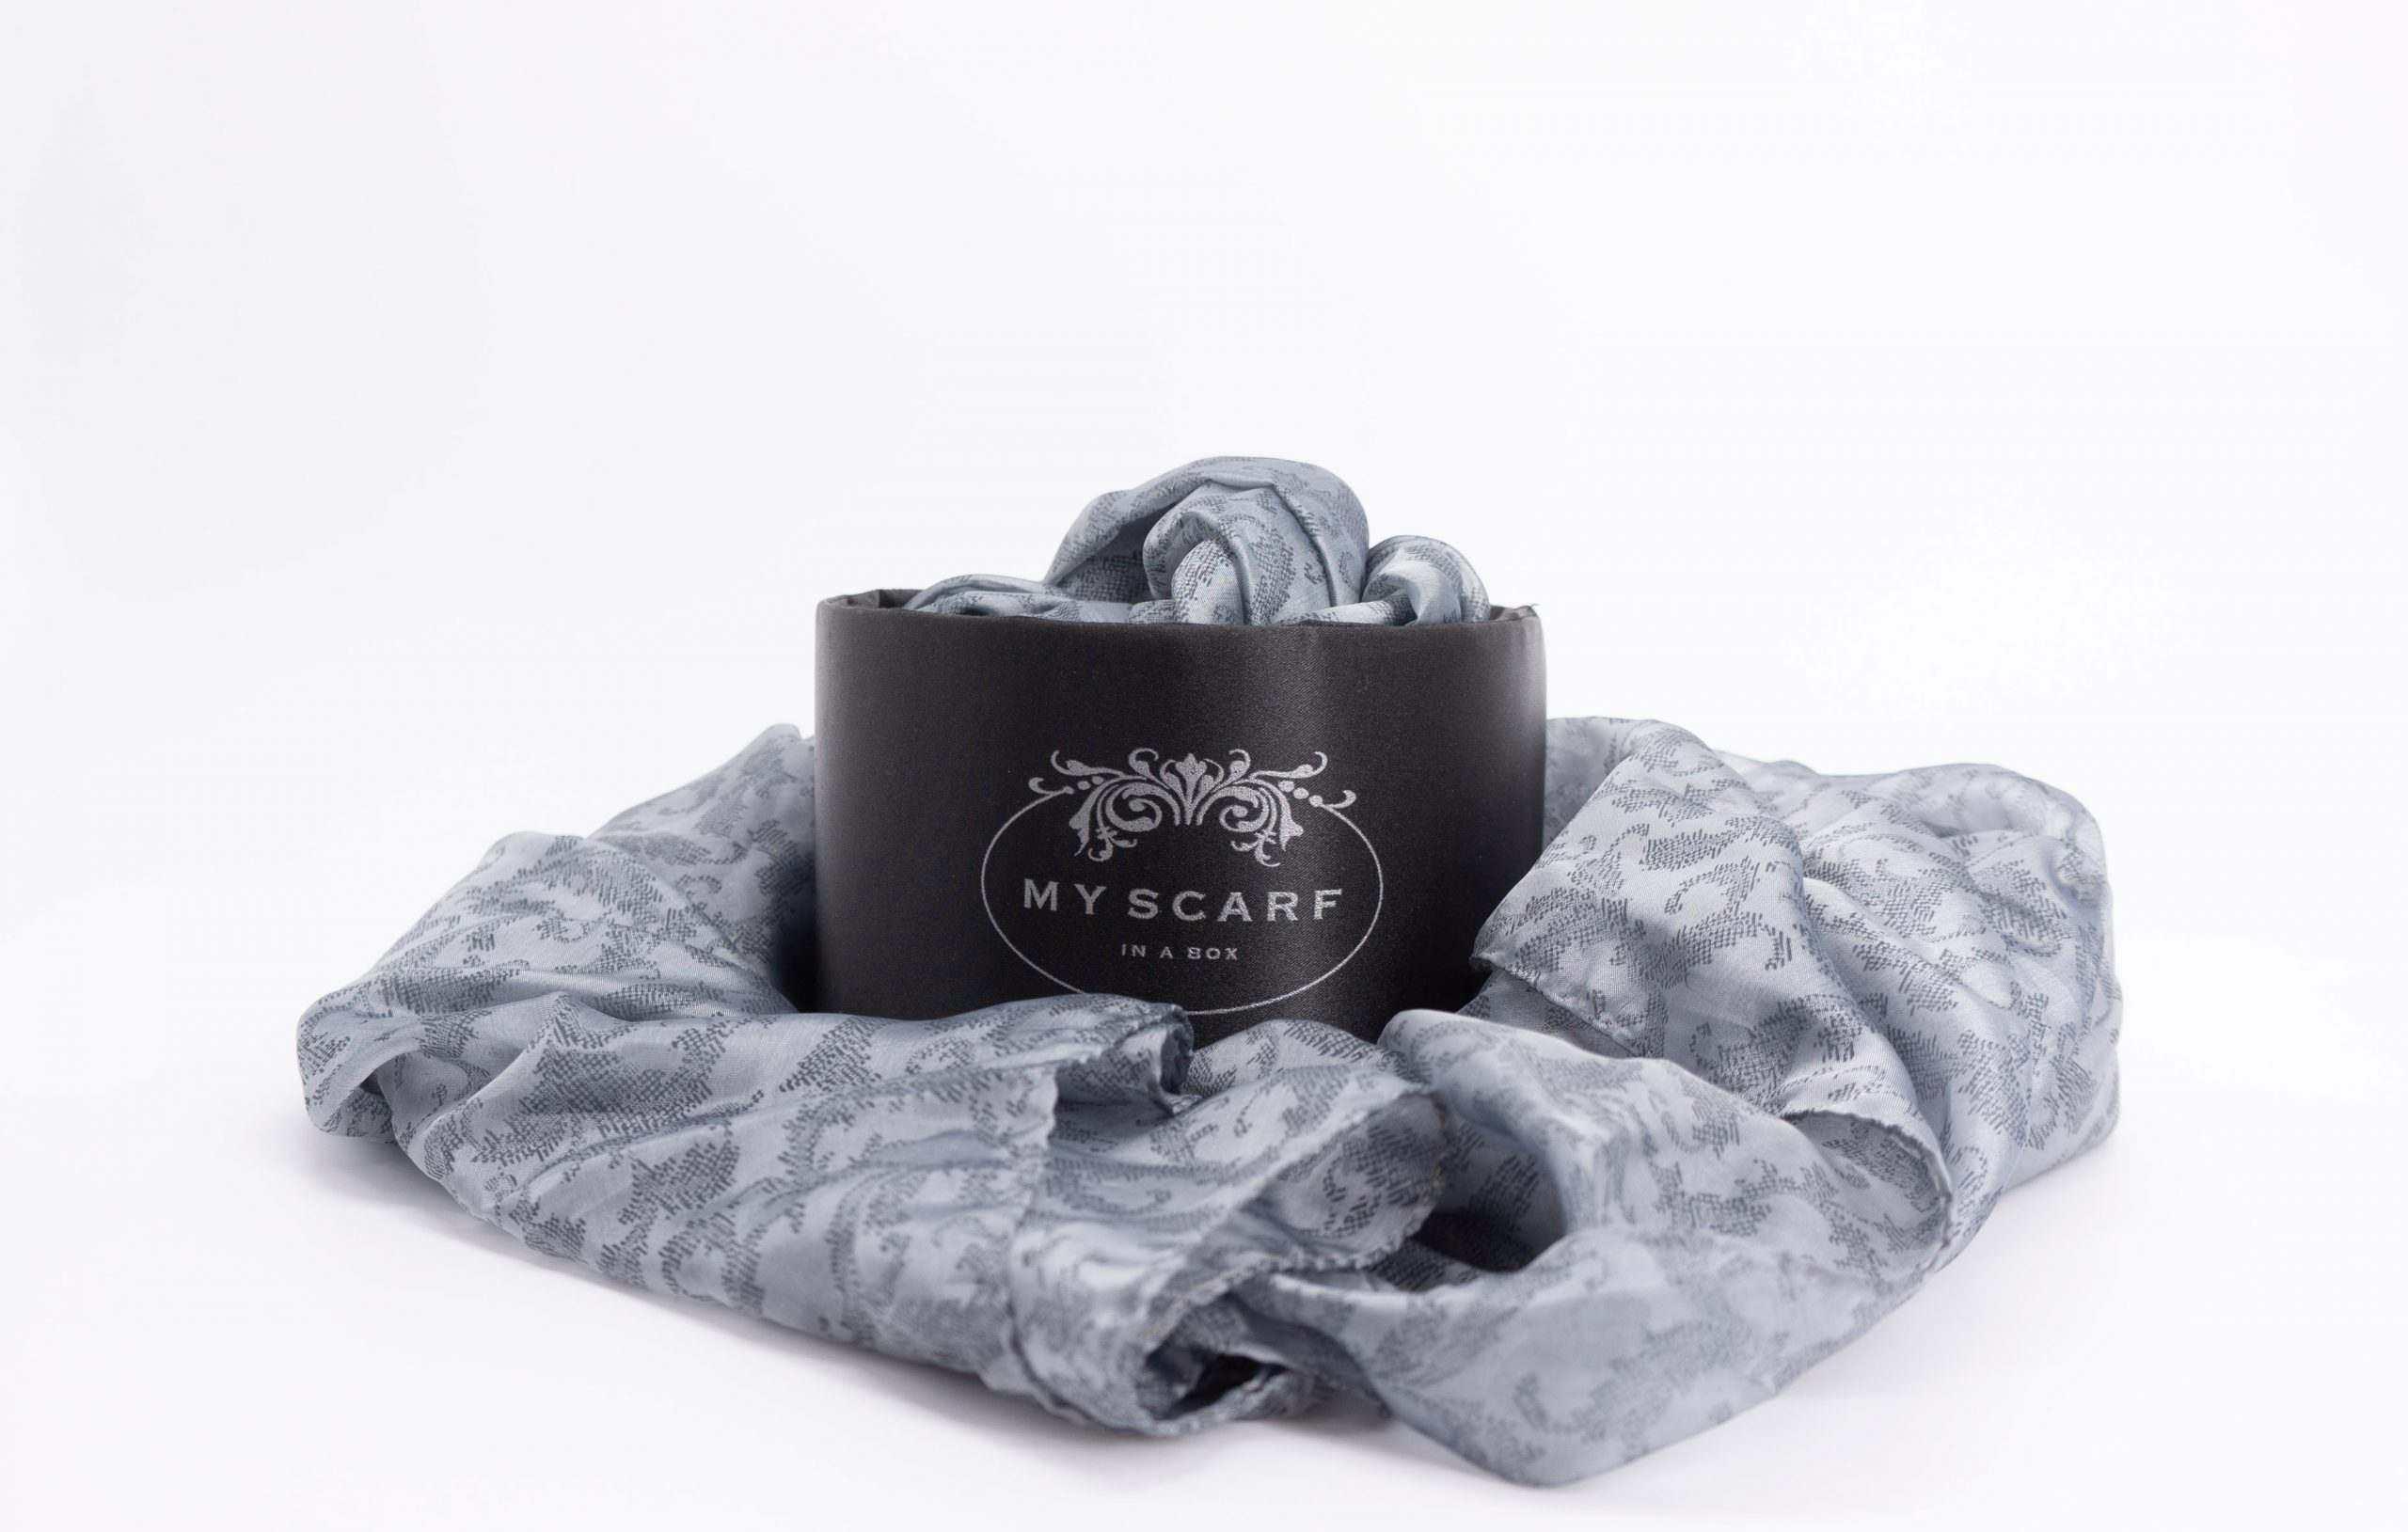 sciarpa galatea my scarf in a box